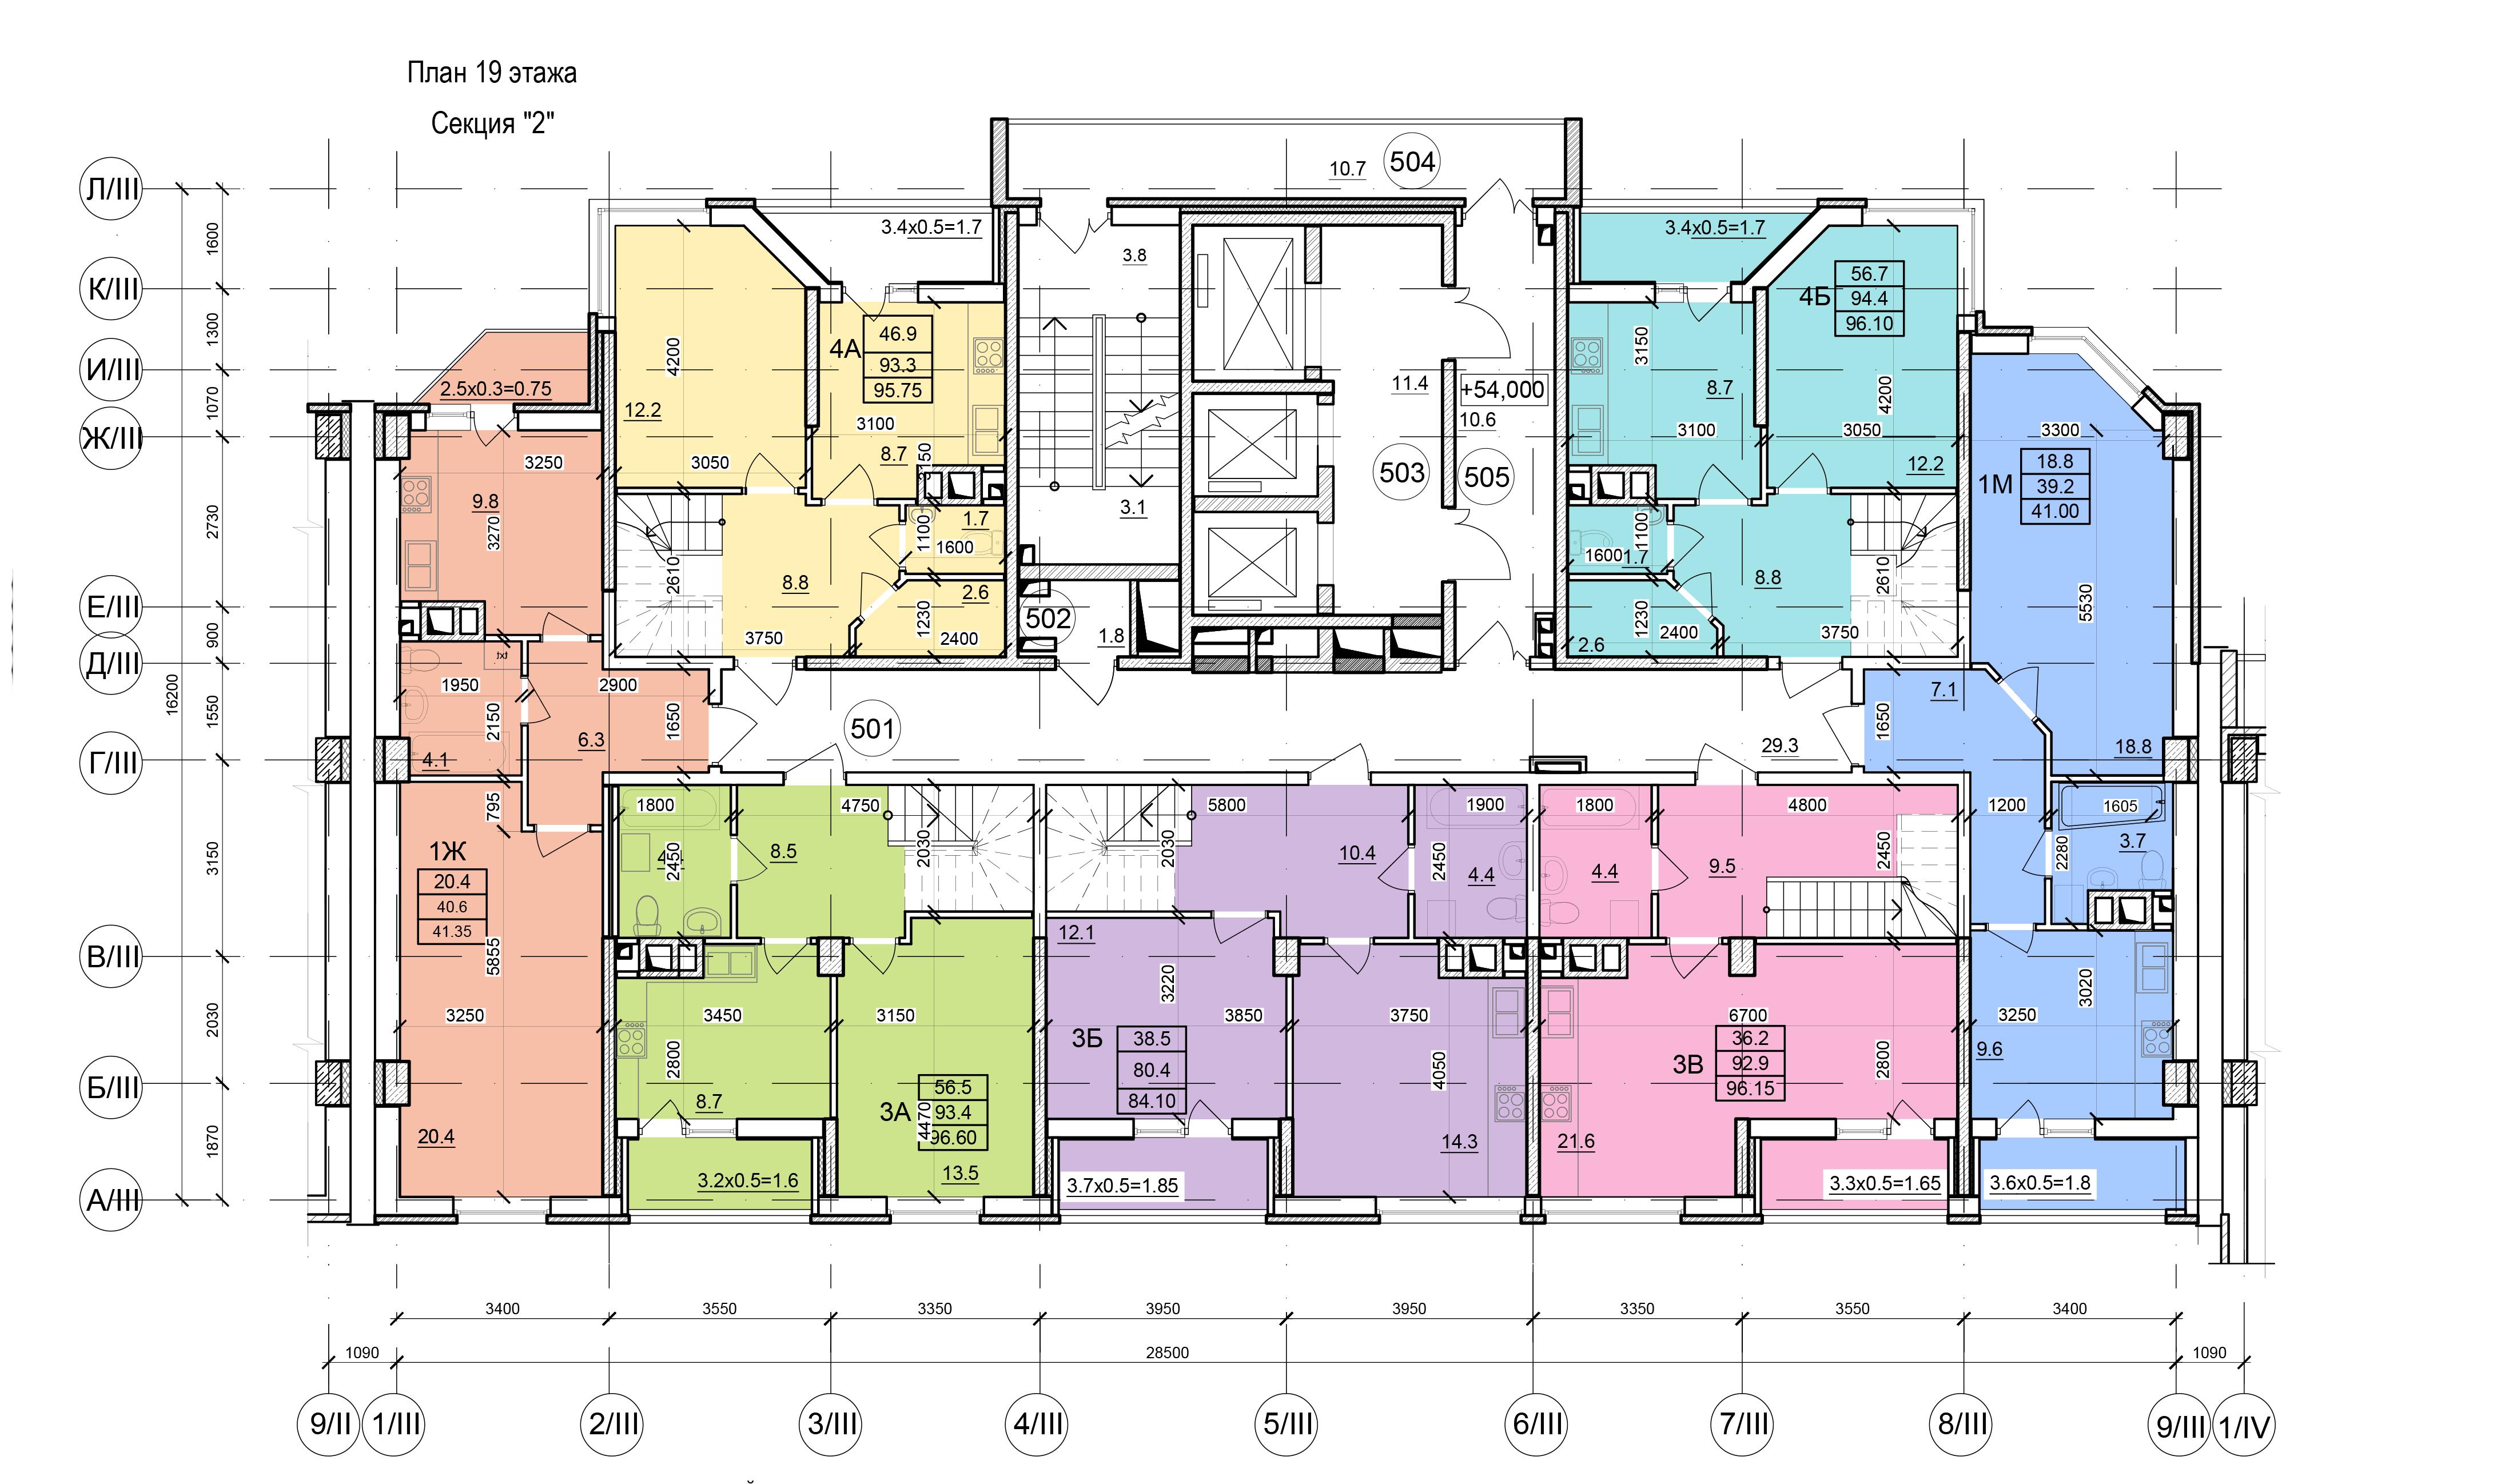 Планировки ЖК Балковский - Стикон. Секция 2, этаж 19